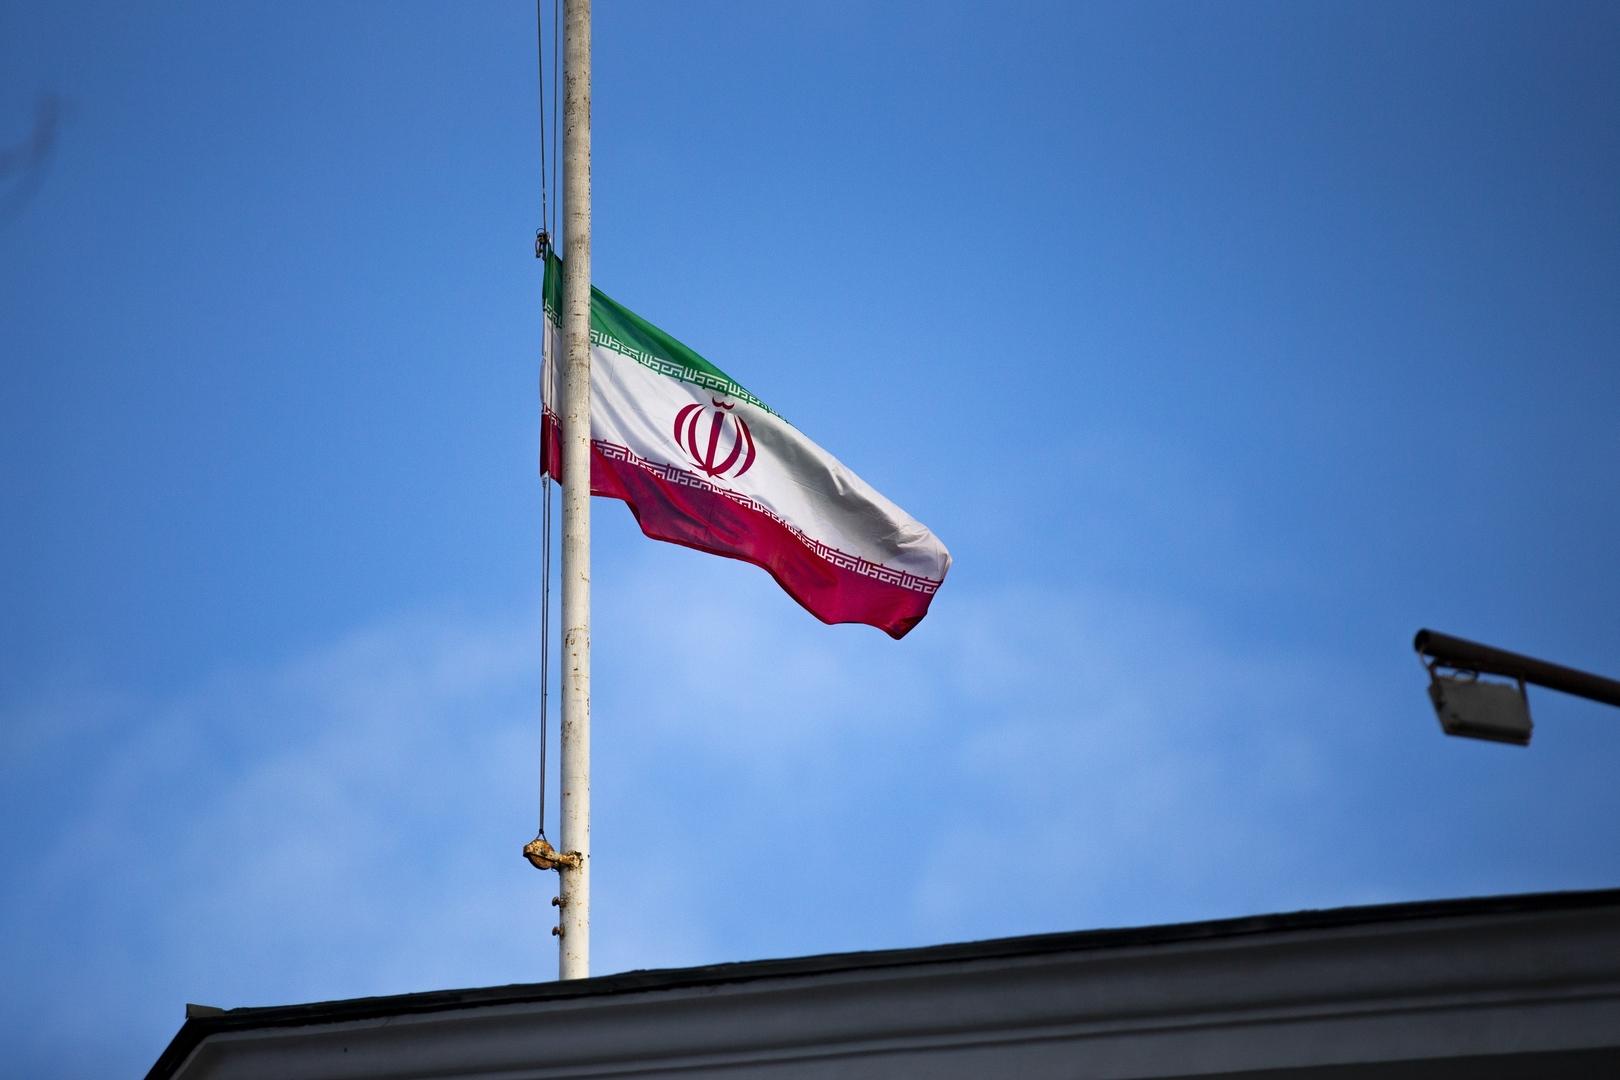 إيران: سنواصل عملياتنا ضد المسلحين في شمال العراق وبغداد لم تلب مطالبنا